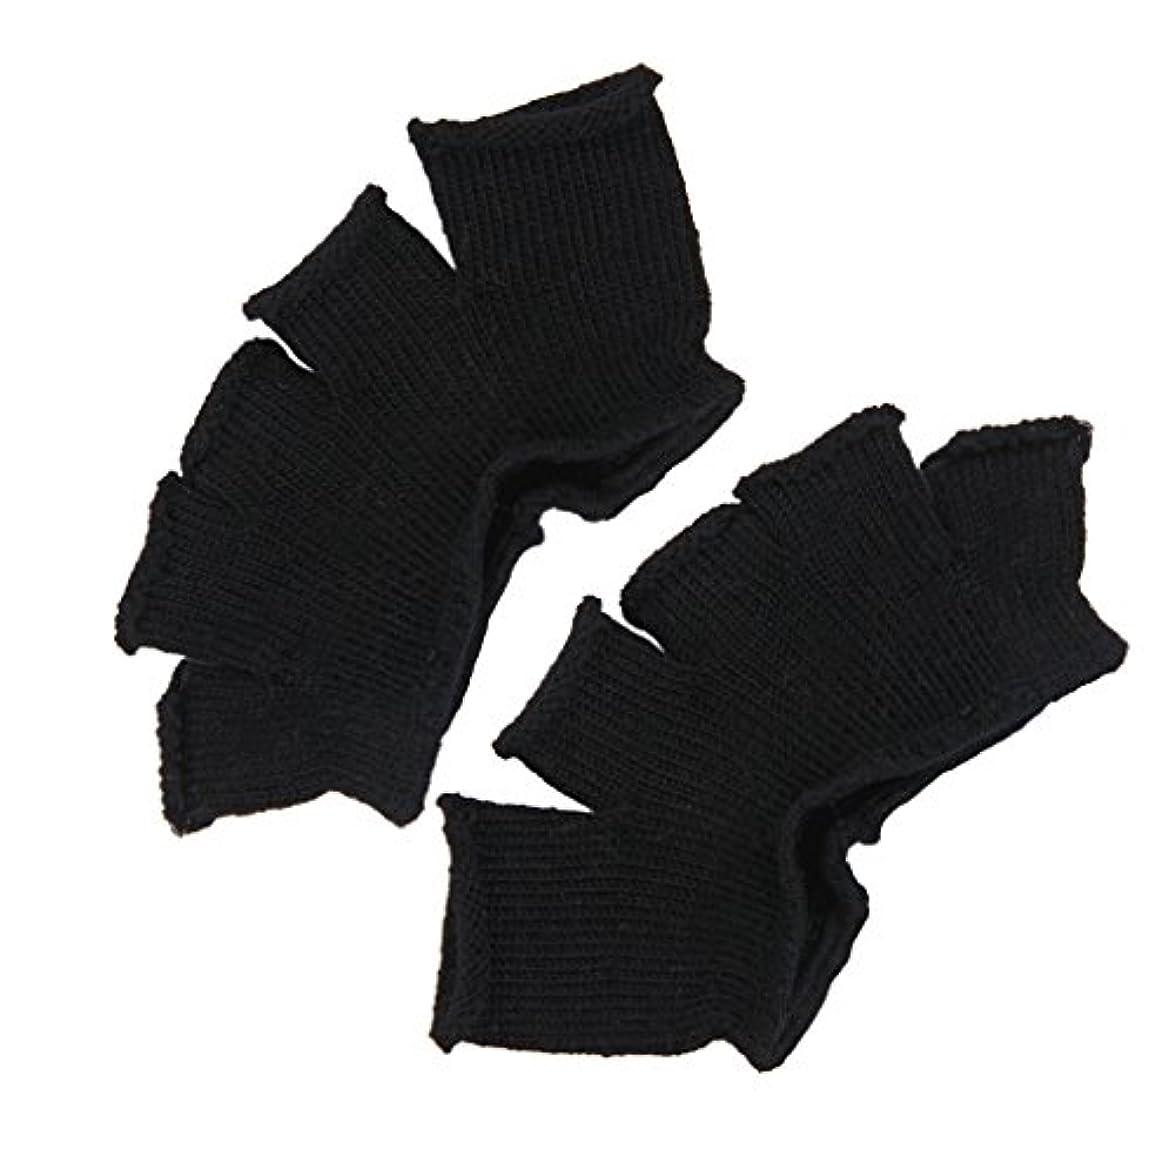 アルカトラズ島快適南極Footful 5本指カバー 爽快指の間カバー 2枚組 男女兼用 足の臭い対策 抗菌 防臭 フットカバー (ブラック)